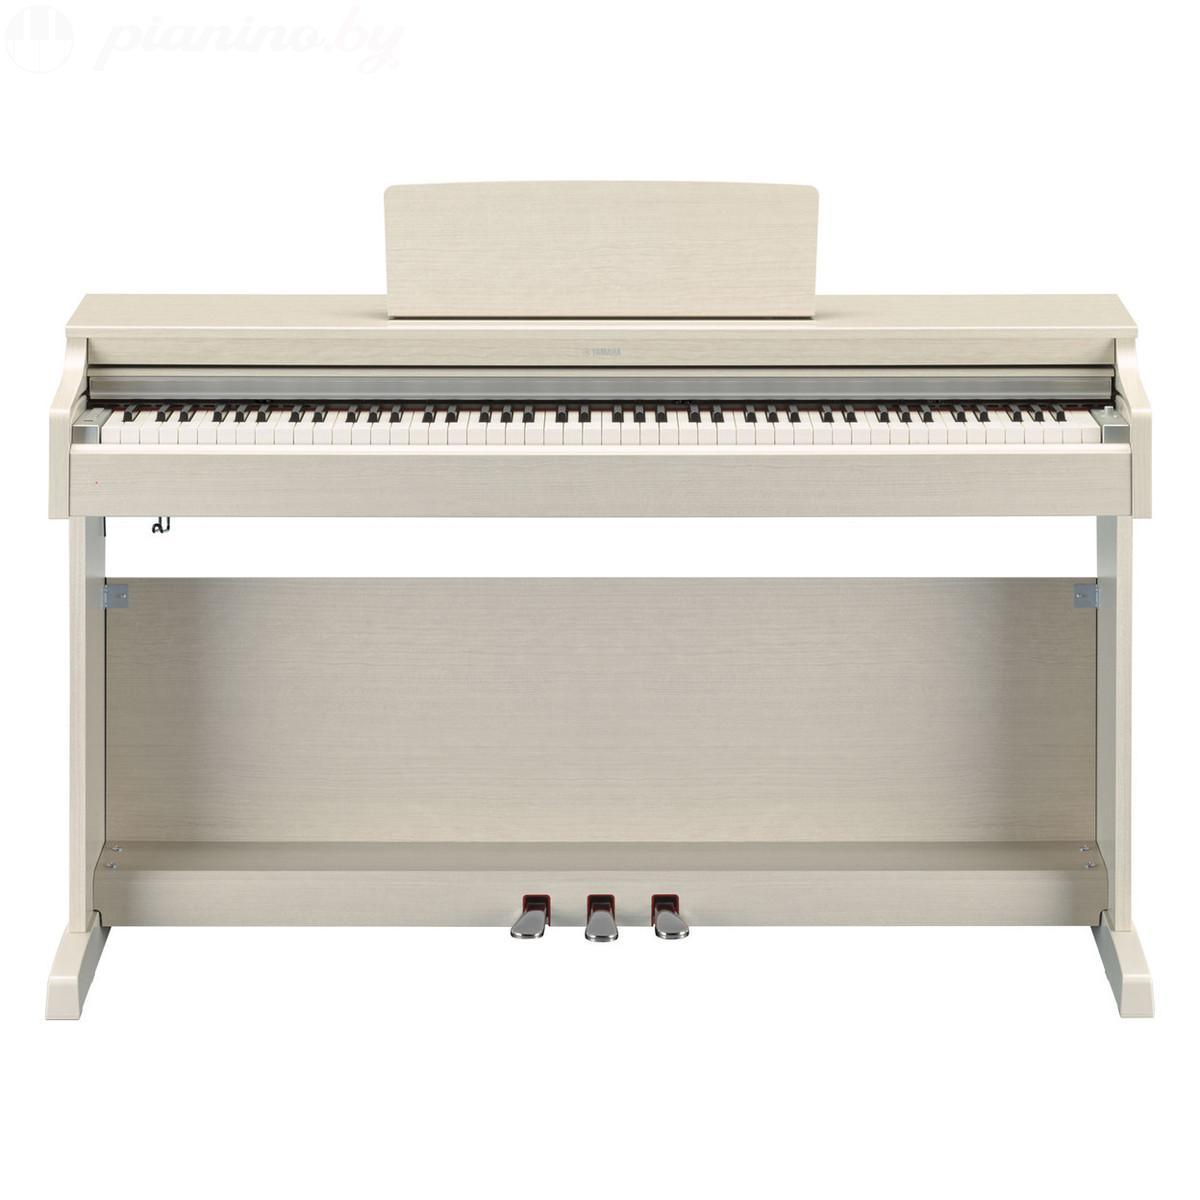 Цифровое пианино Yamaha Arius YDP-163 White Ash Фото 2